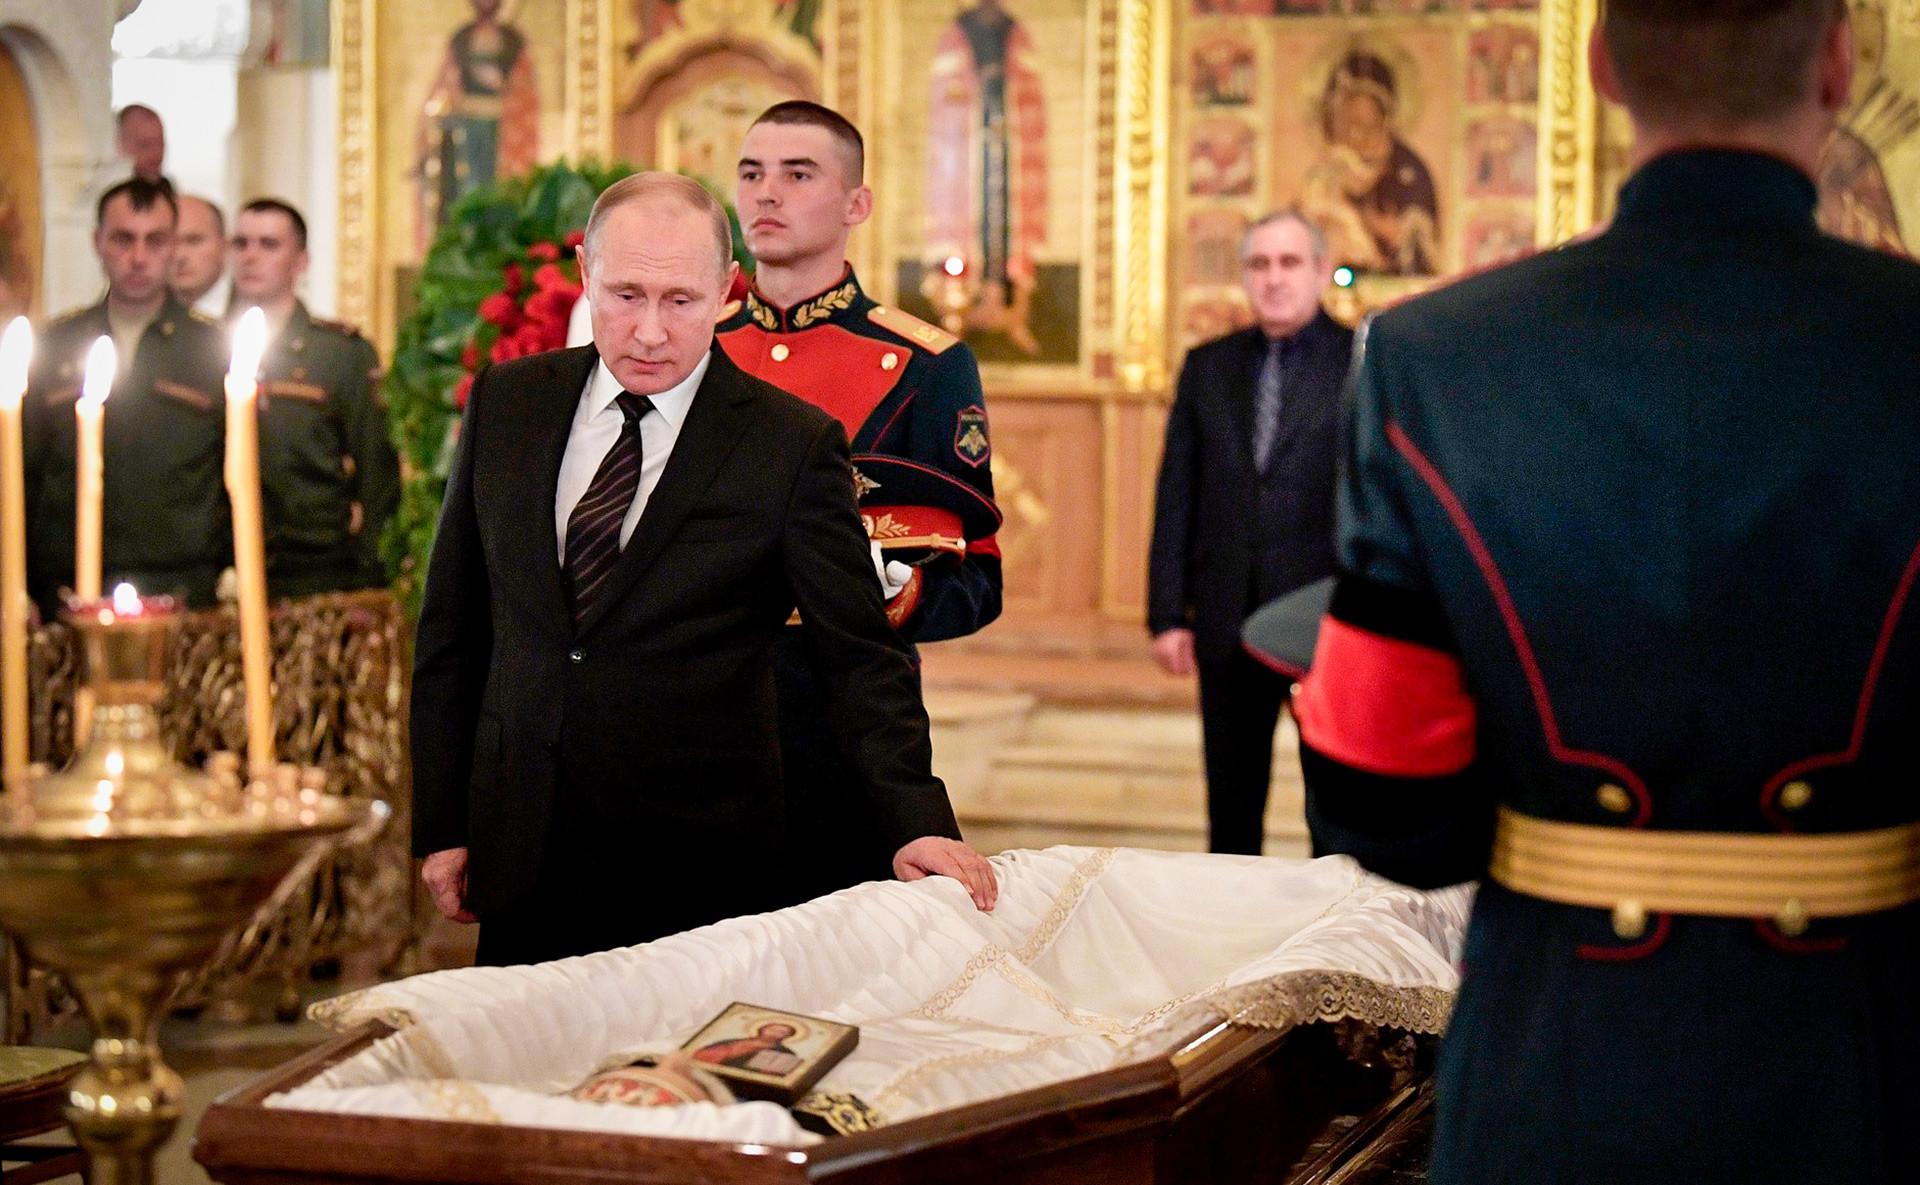 ロシアの映画監督、スタニスラフ・ゴヴォルヒンの葬式でのプーチン大統領